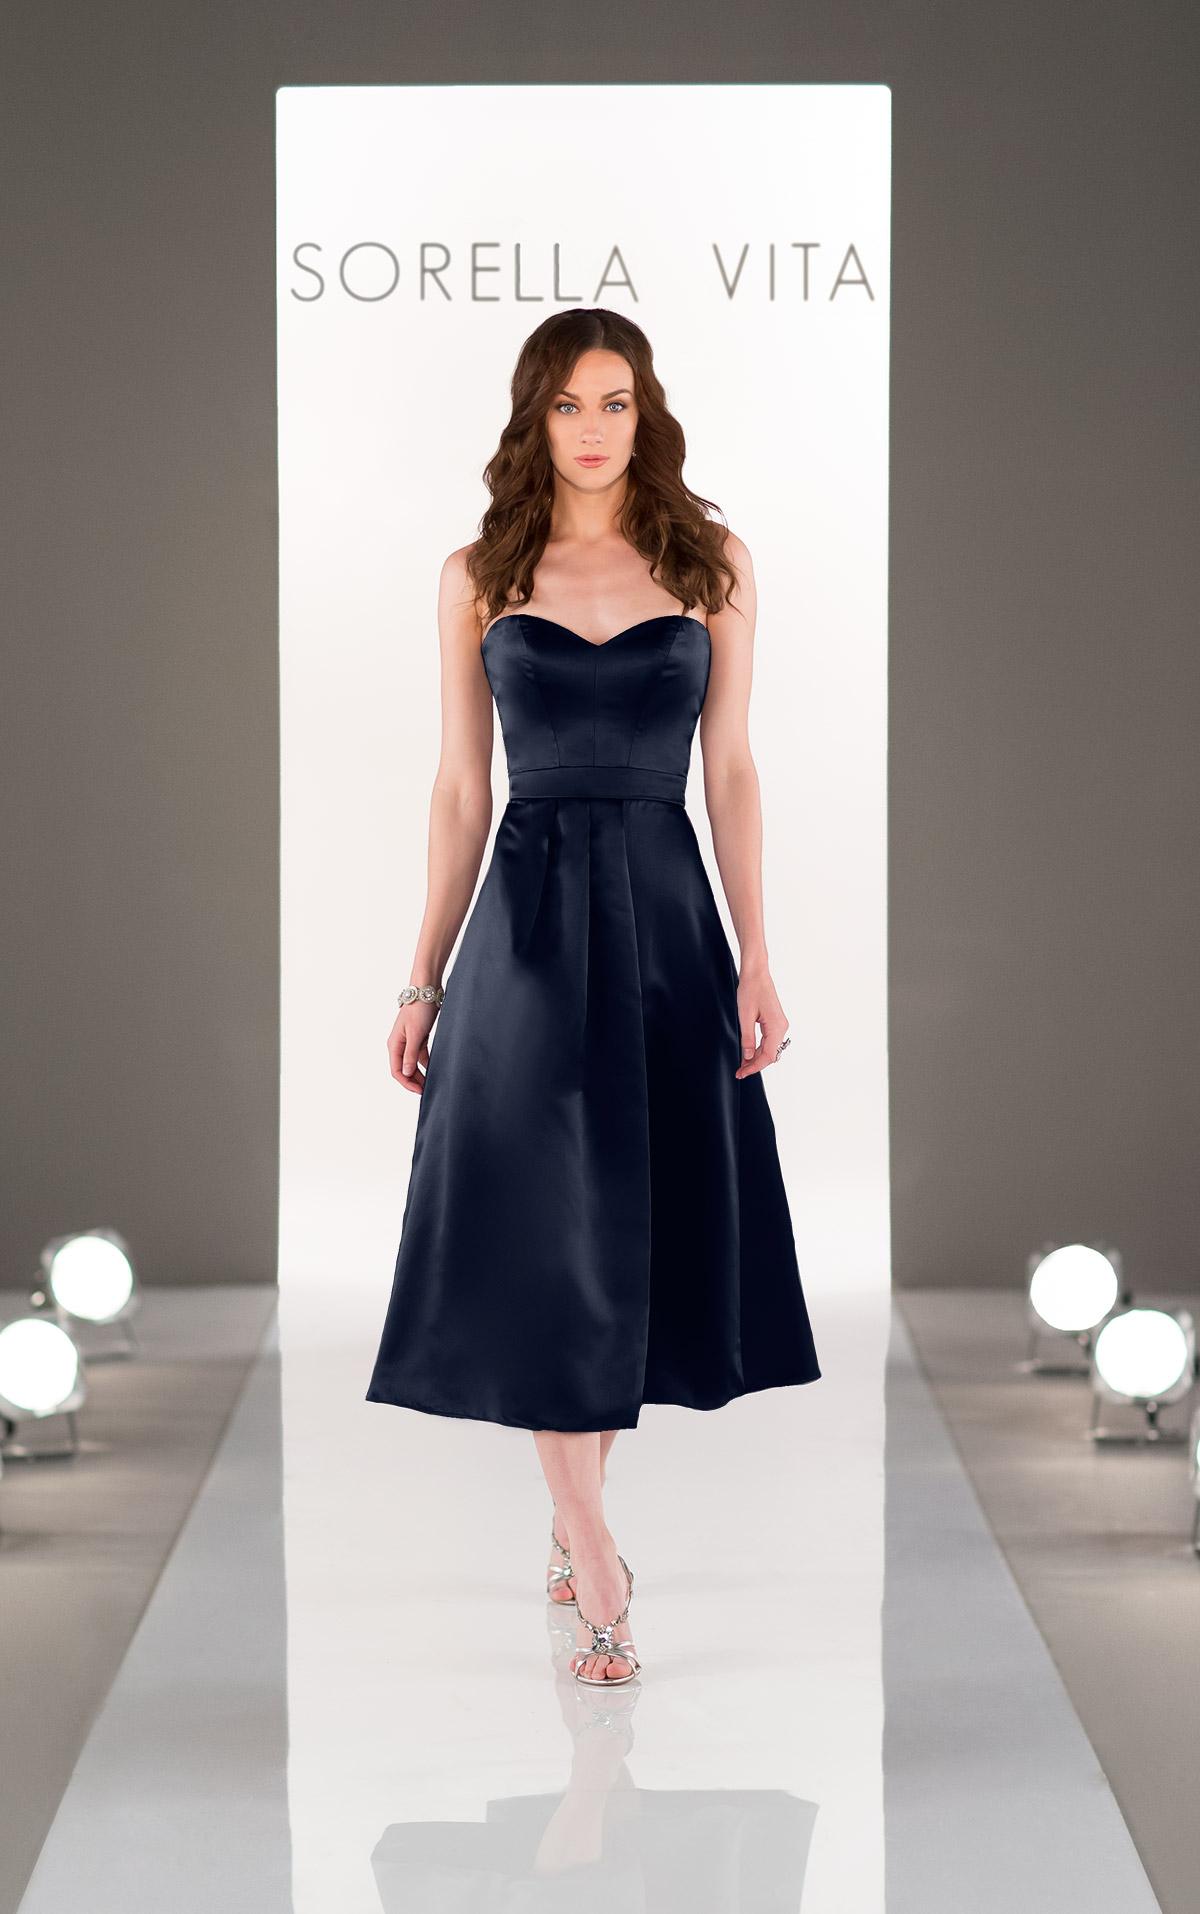 evening dress brands photo - 1